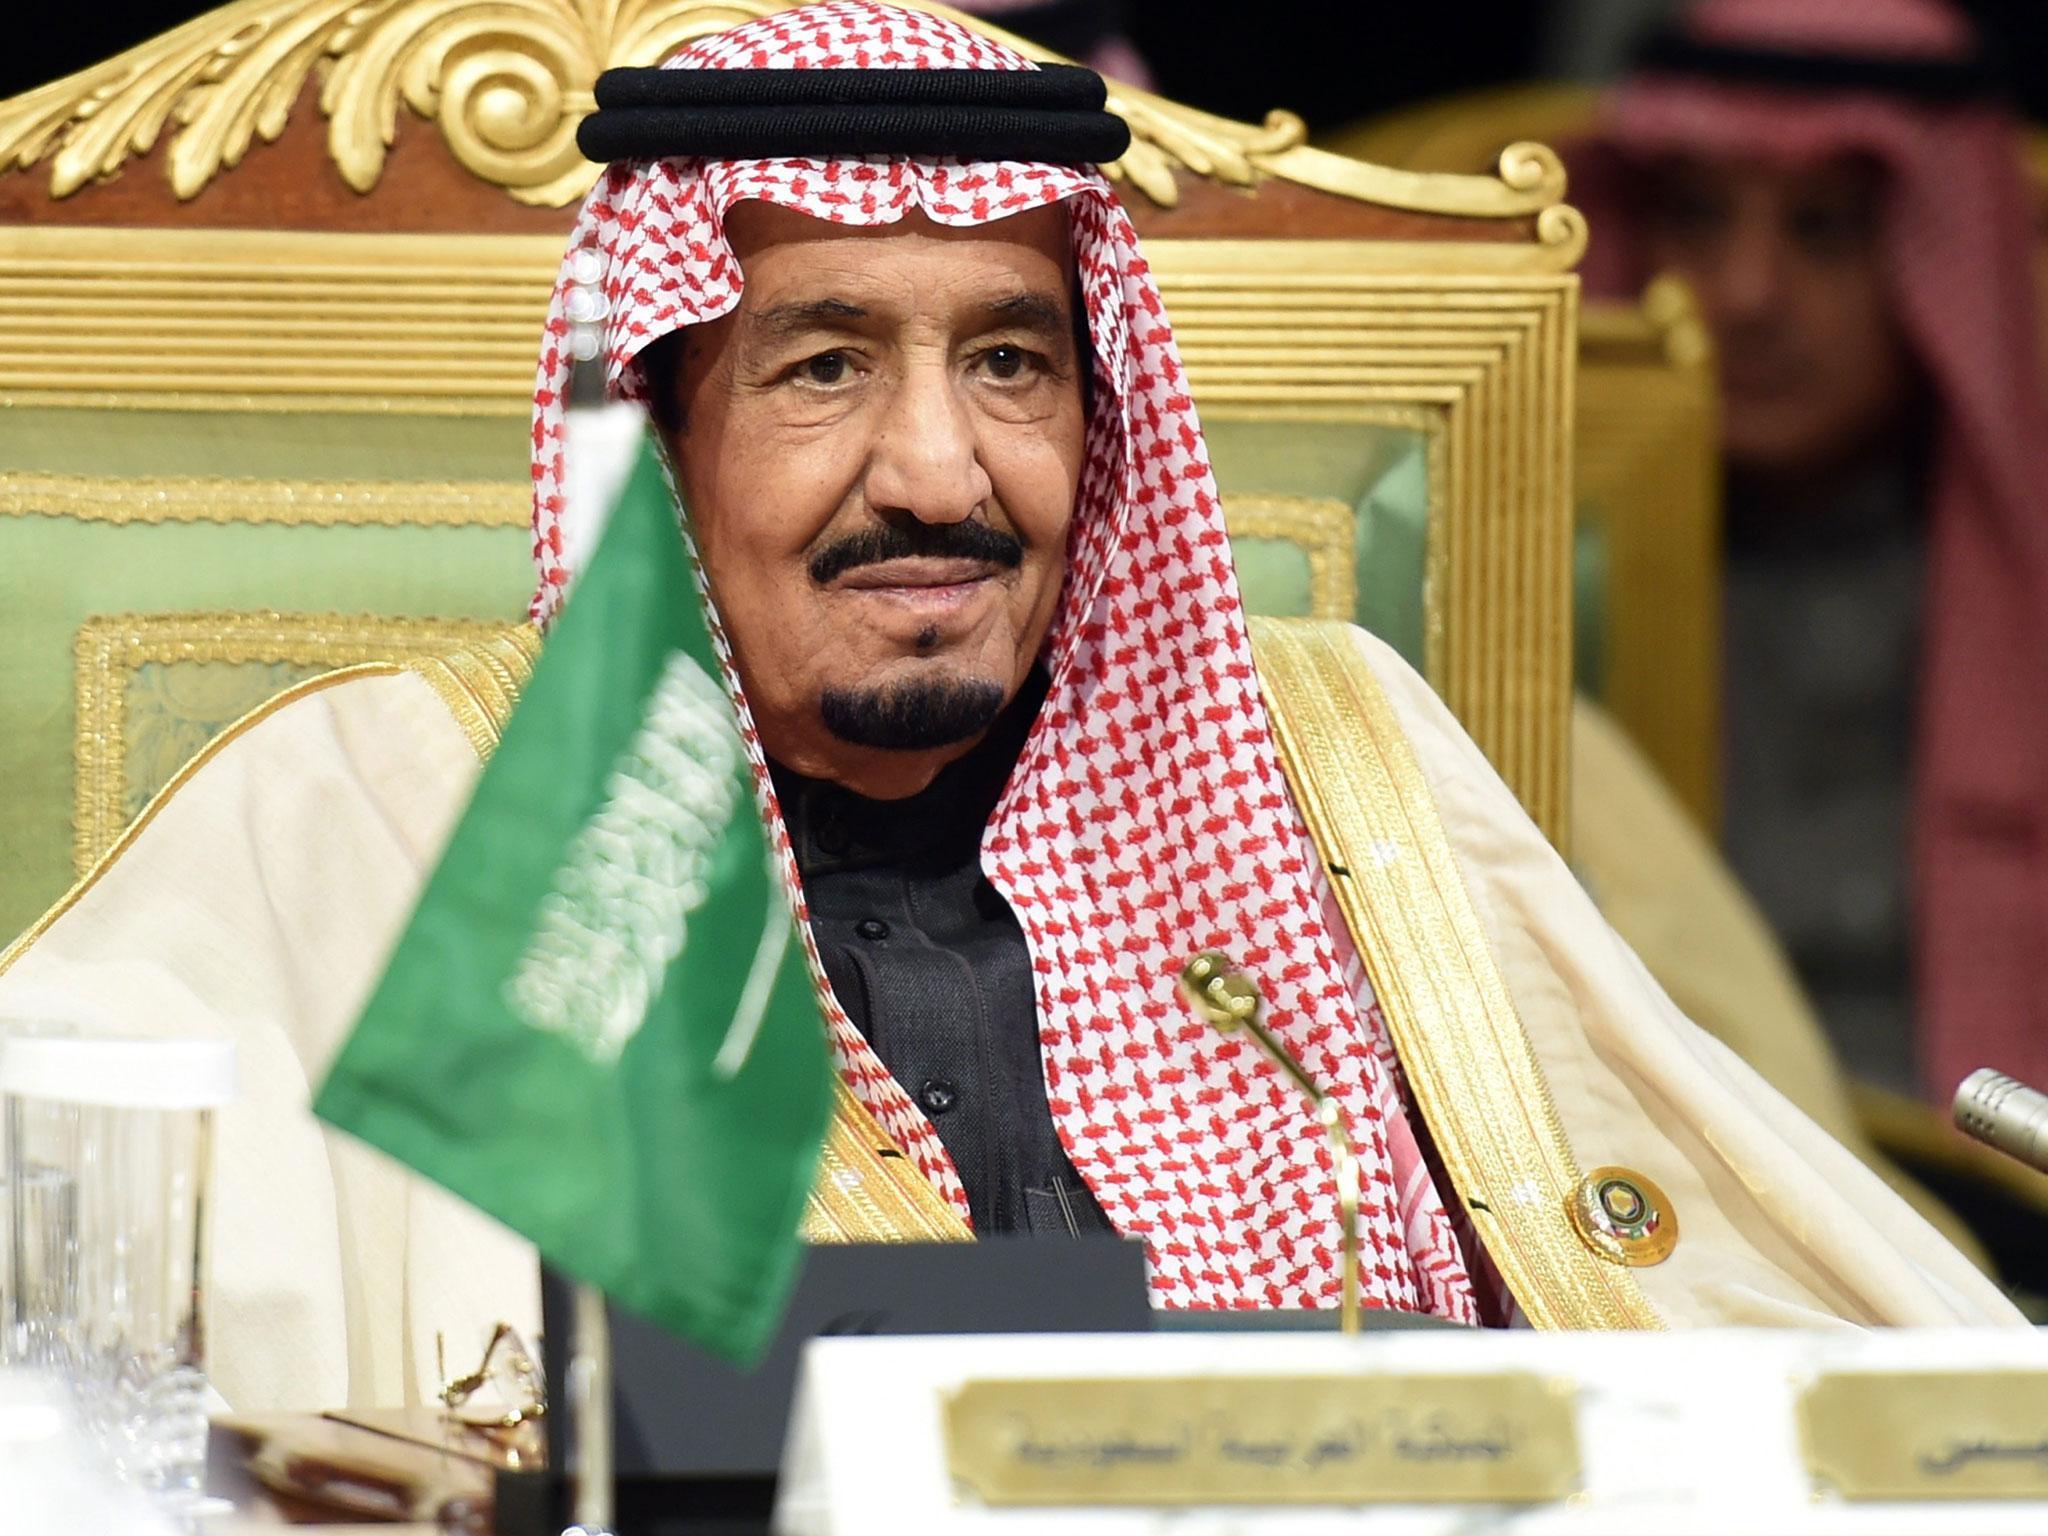 محمد بن سلمان کے بعد سعودی فرمانروا شاہ سلمان نے اپنے دوسرے بیٹے کو بڑے عہدے پر تعینات